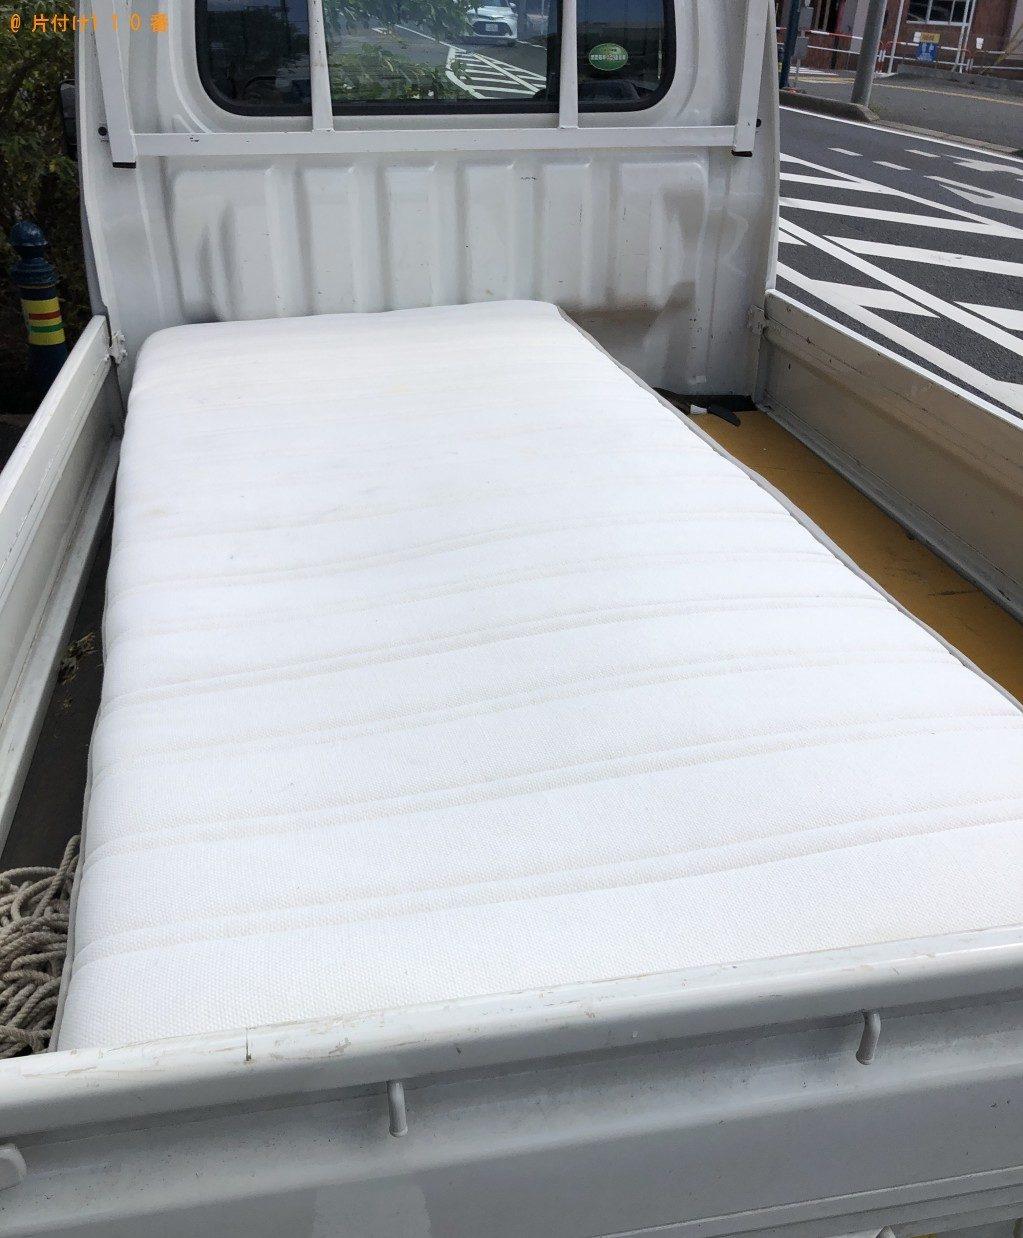 【千葉市中央区】シングルベッド1点の回収・処分 お客様の声